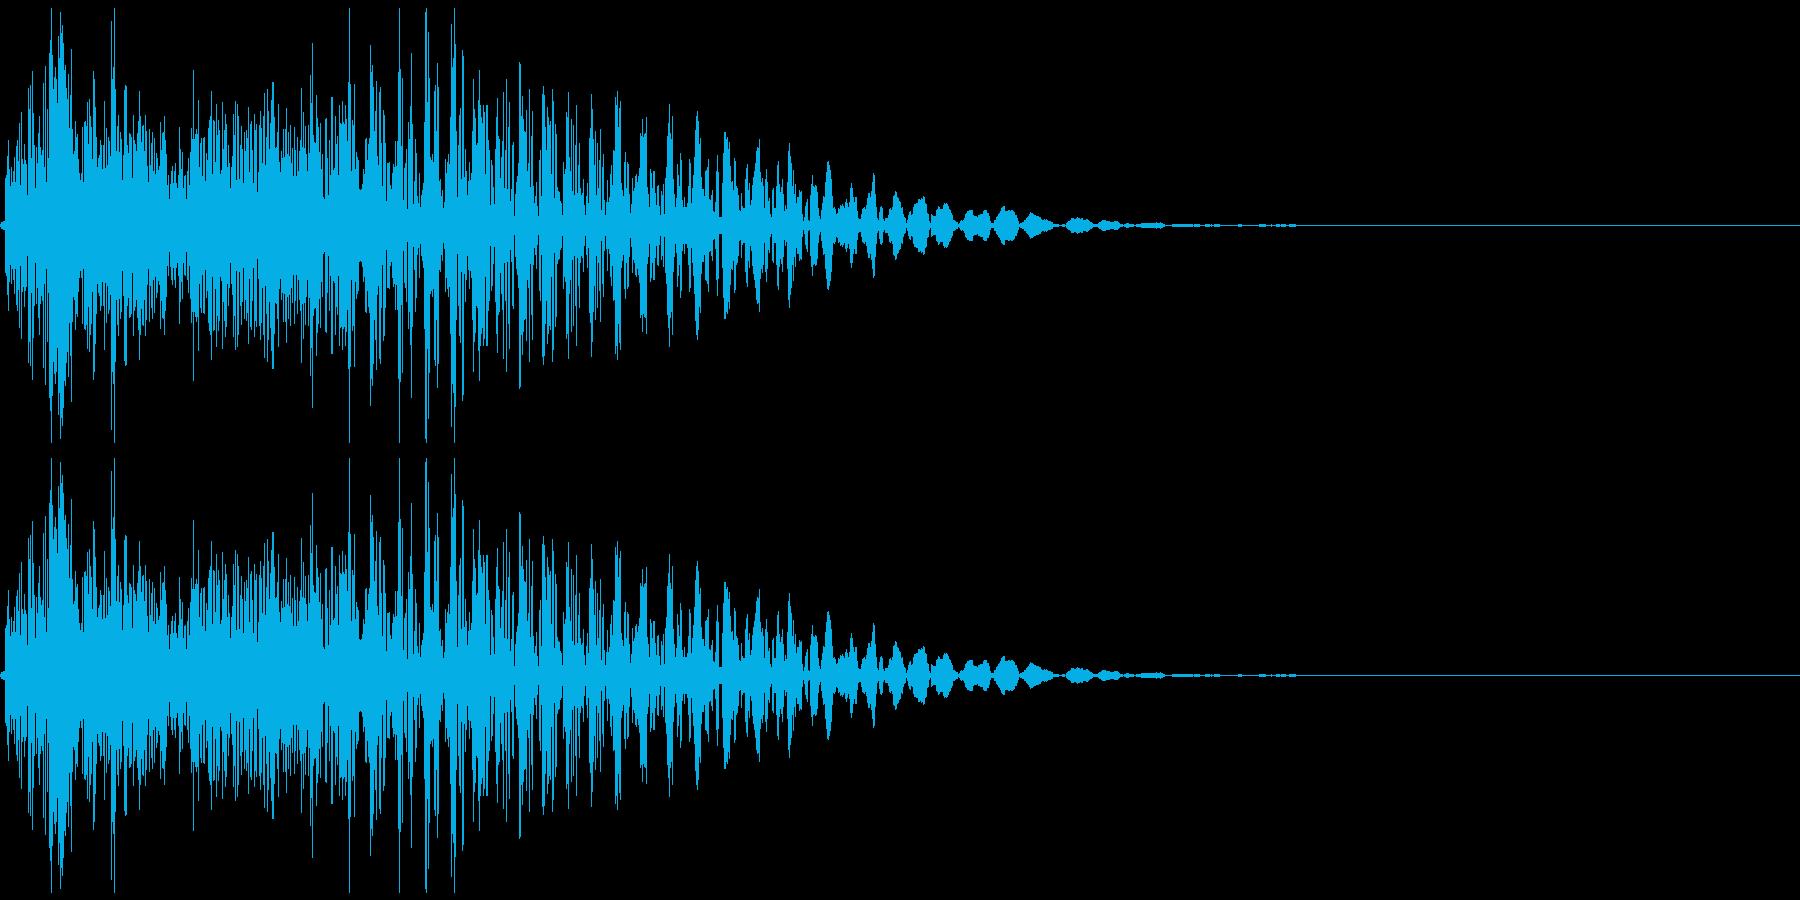 「カン」 麻雀ゲームのシステムボイスにの再生済みの波形